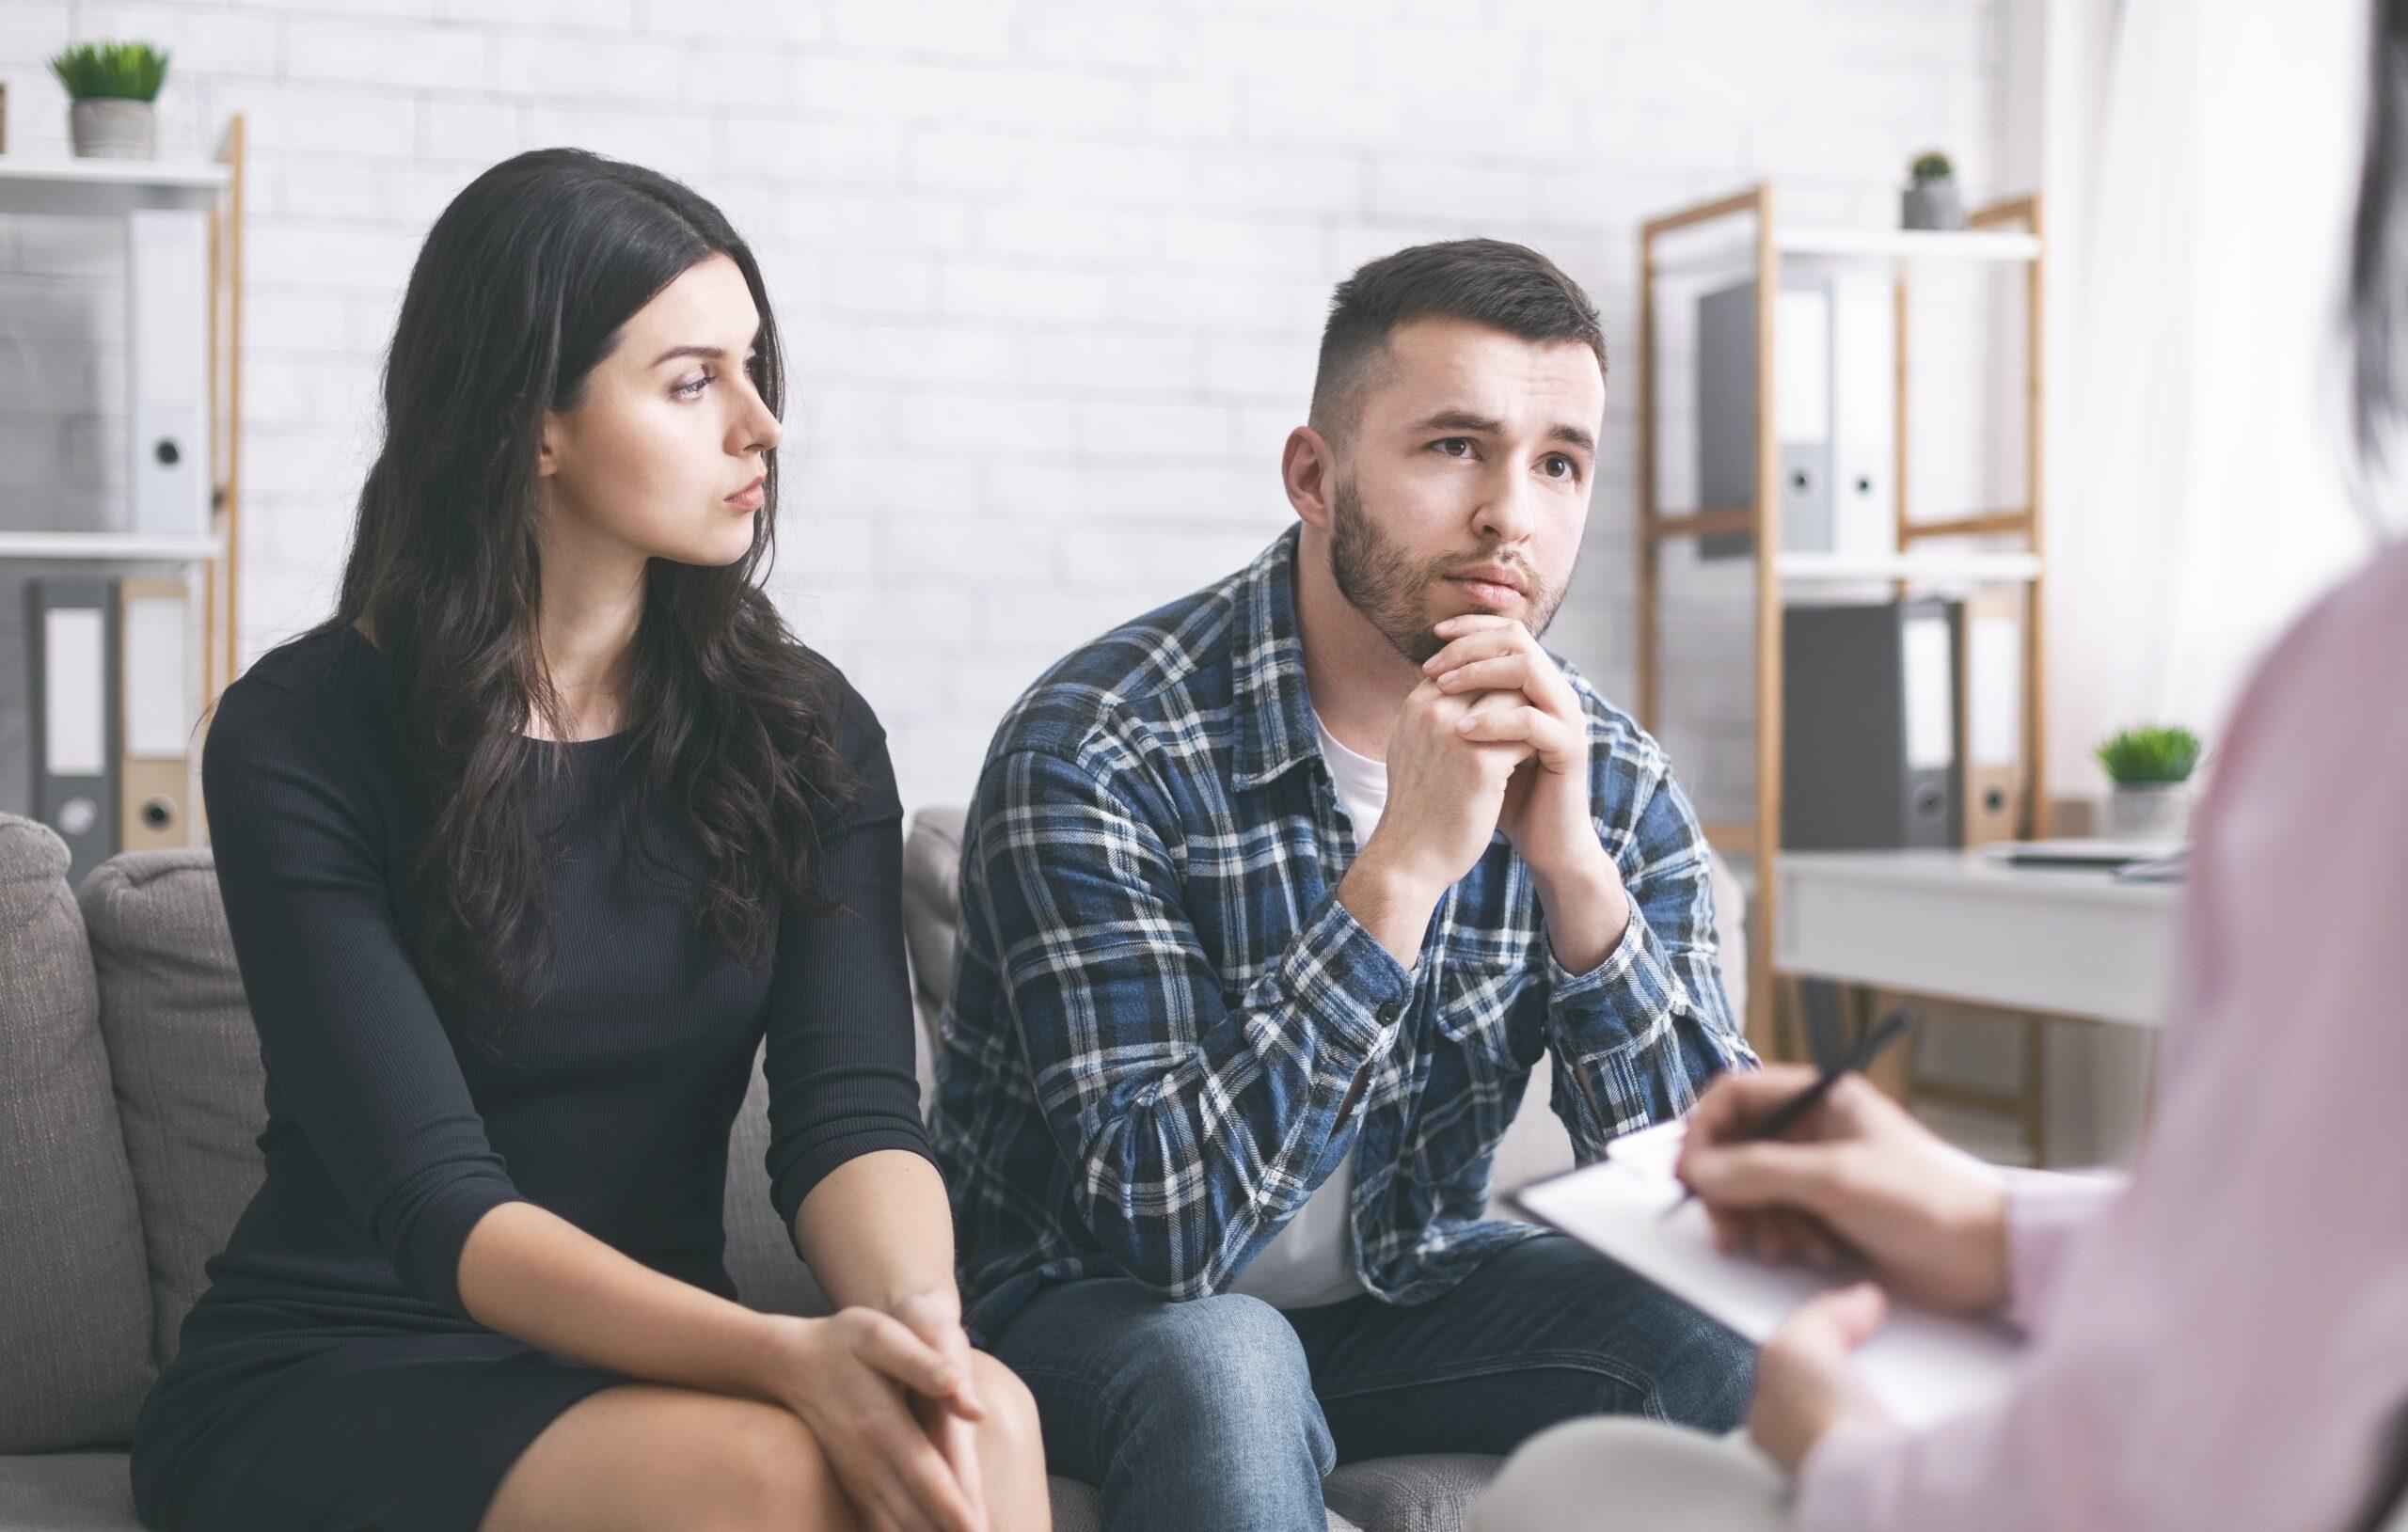 serious-man-talking-to-psychiatrist-during-marital-GAQ7LZR-min